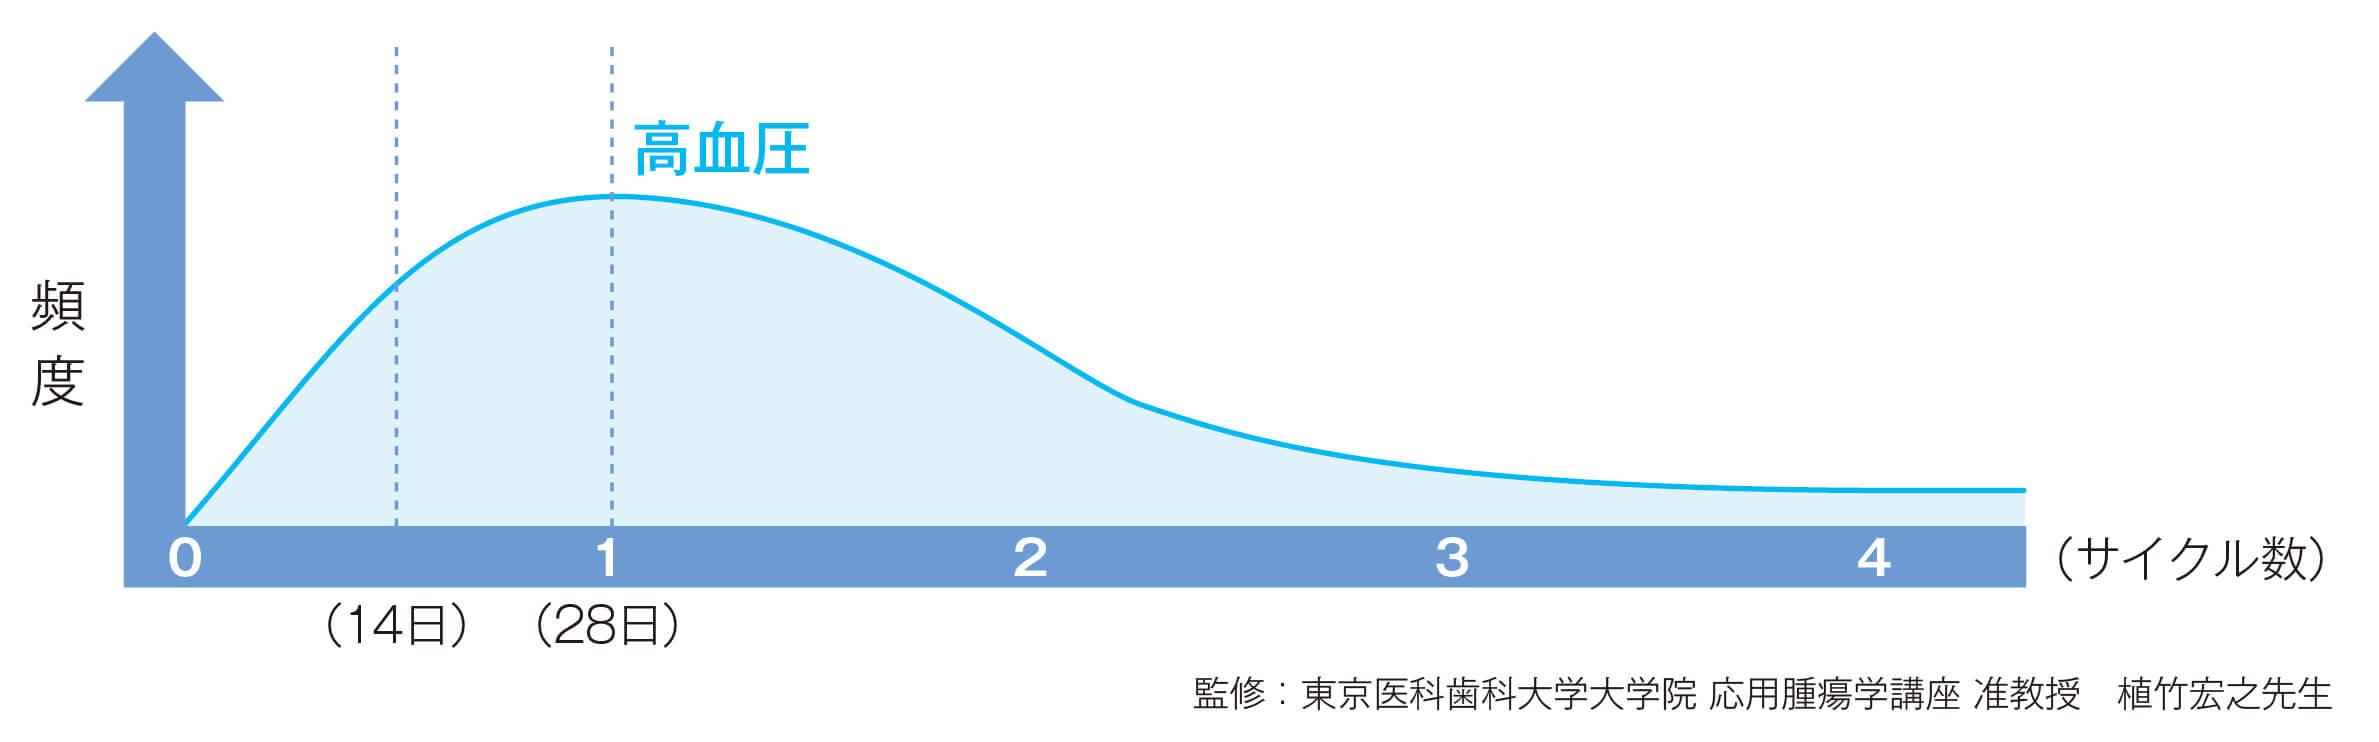 スチバーガ®による高血圧の発現時期